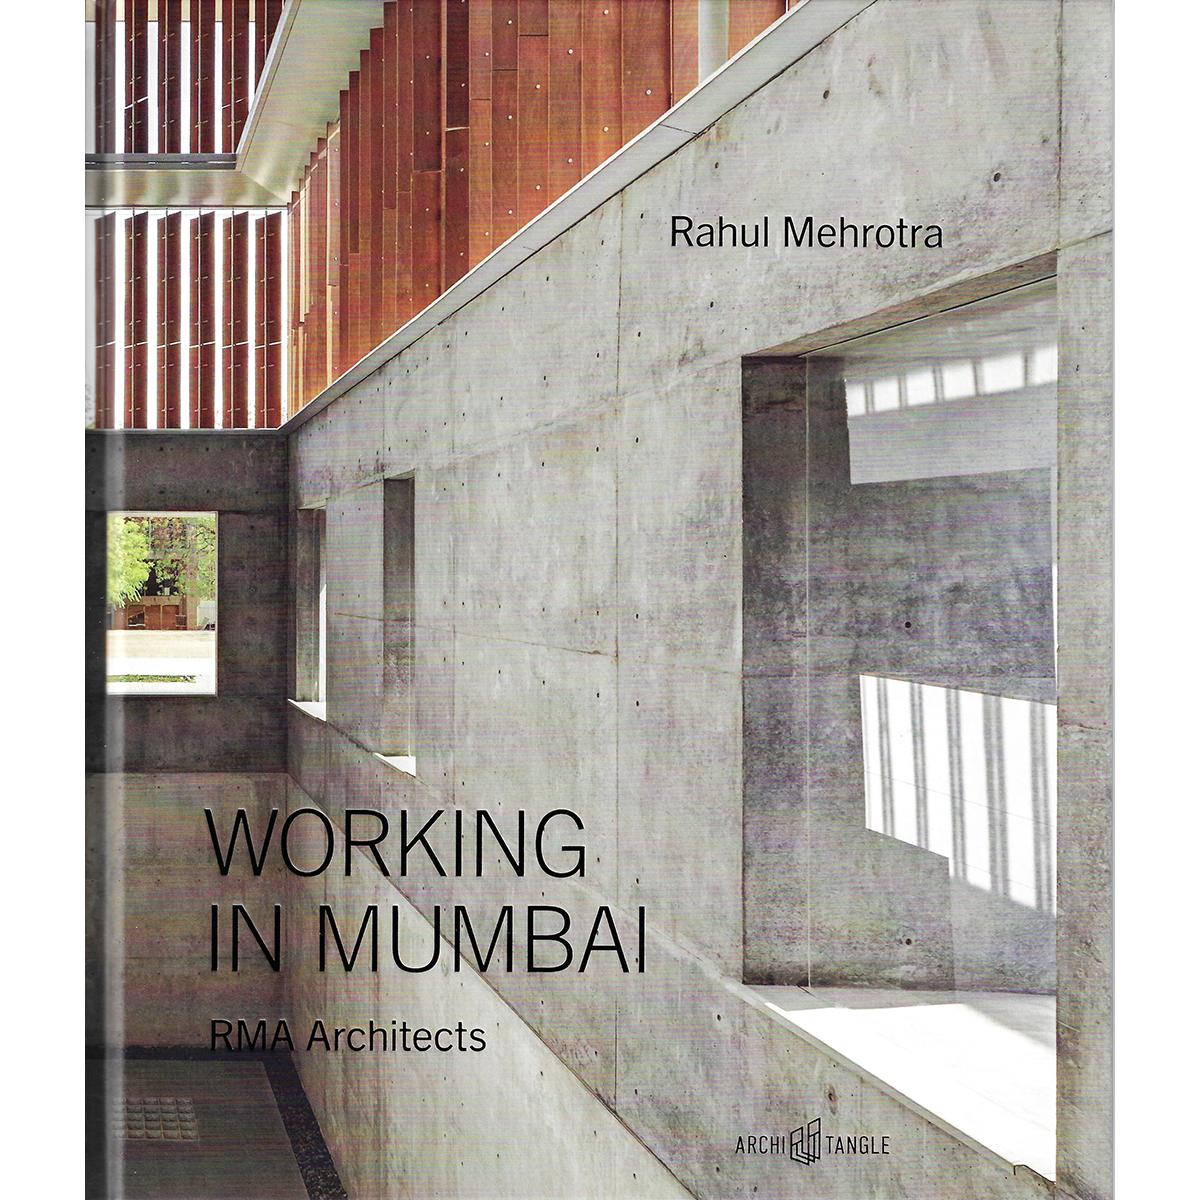 Working in Mumbai